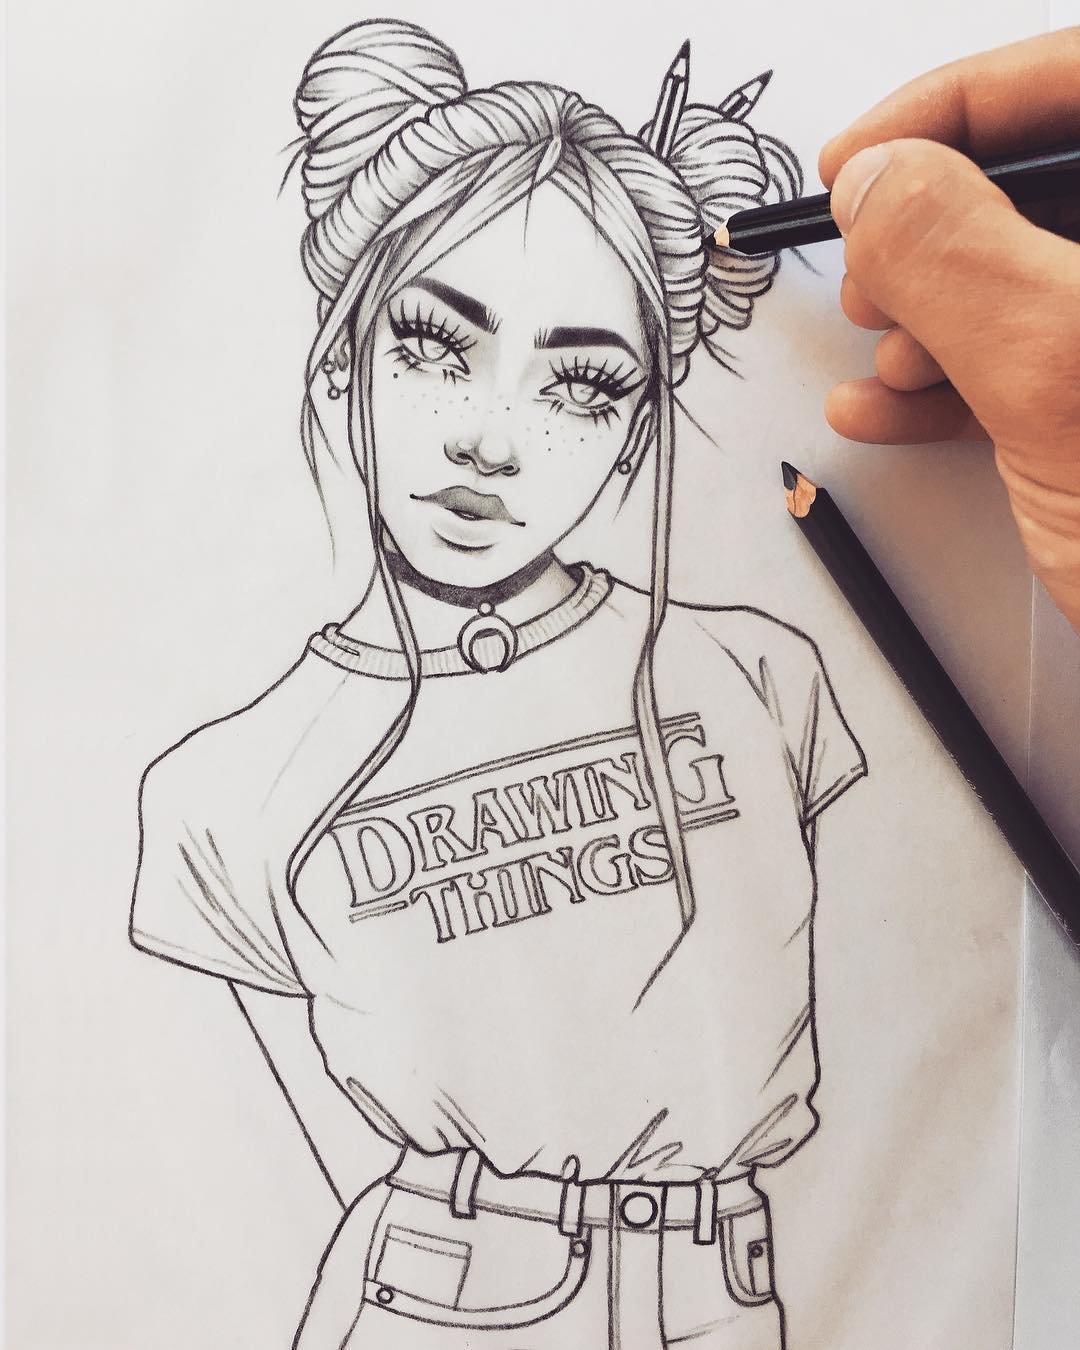 Красивые арт рисунки для срисовки, днем